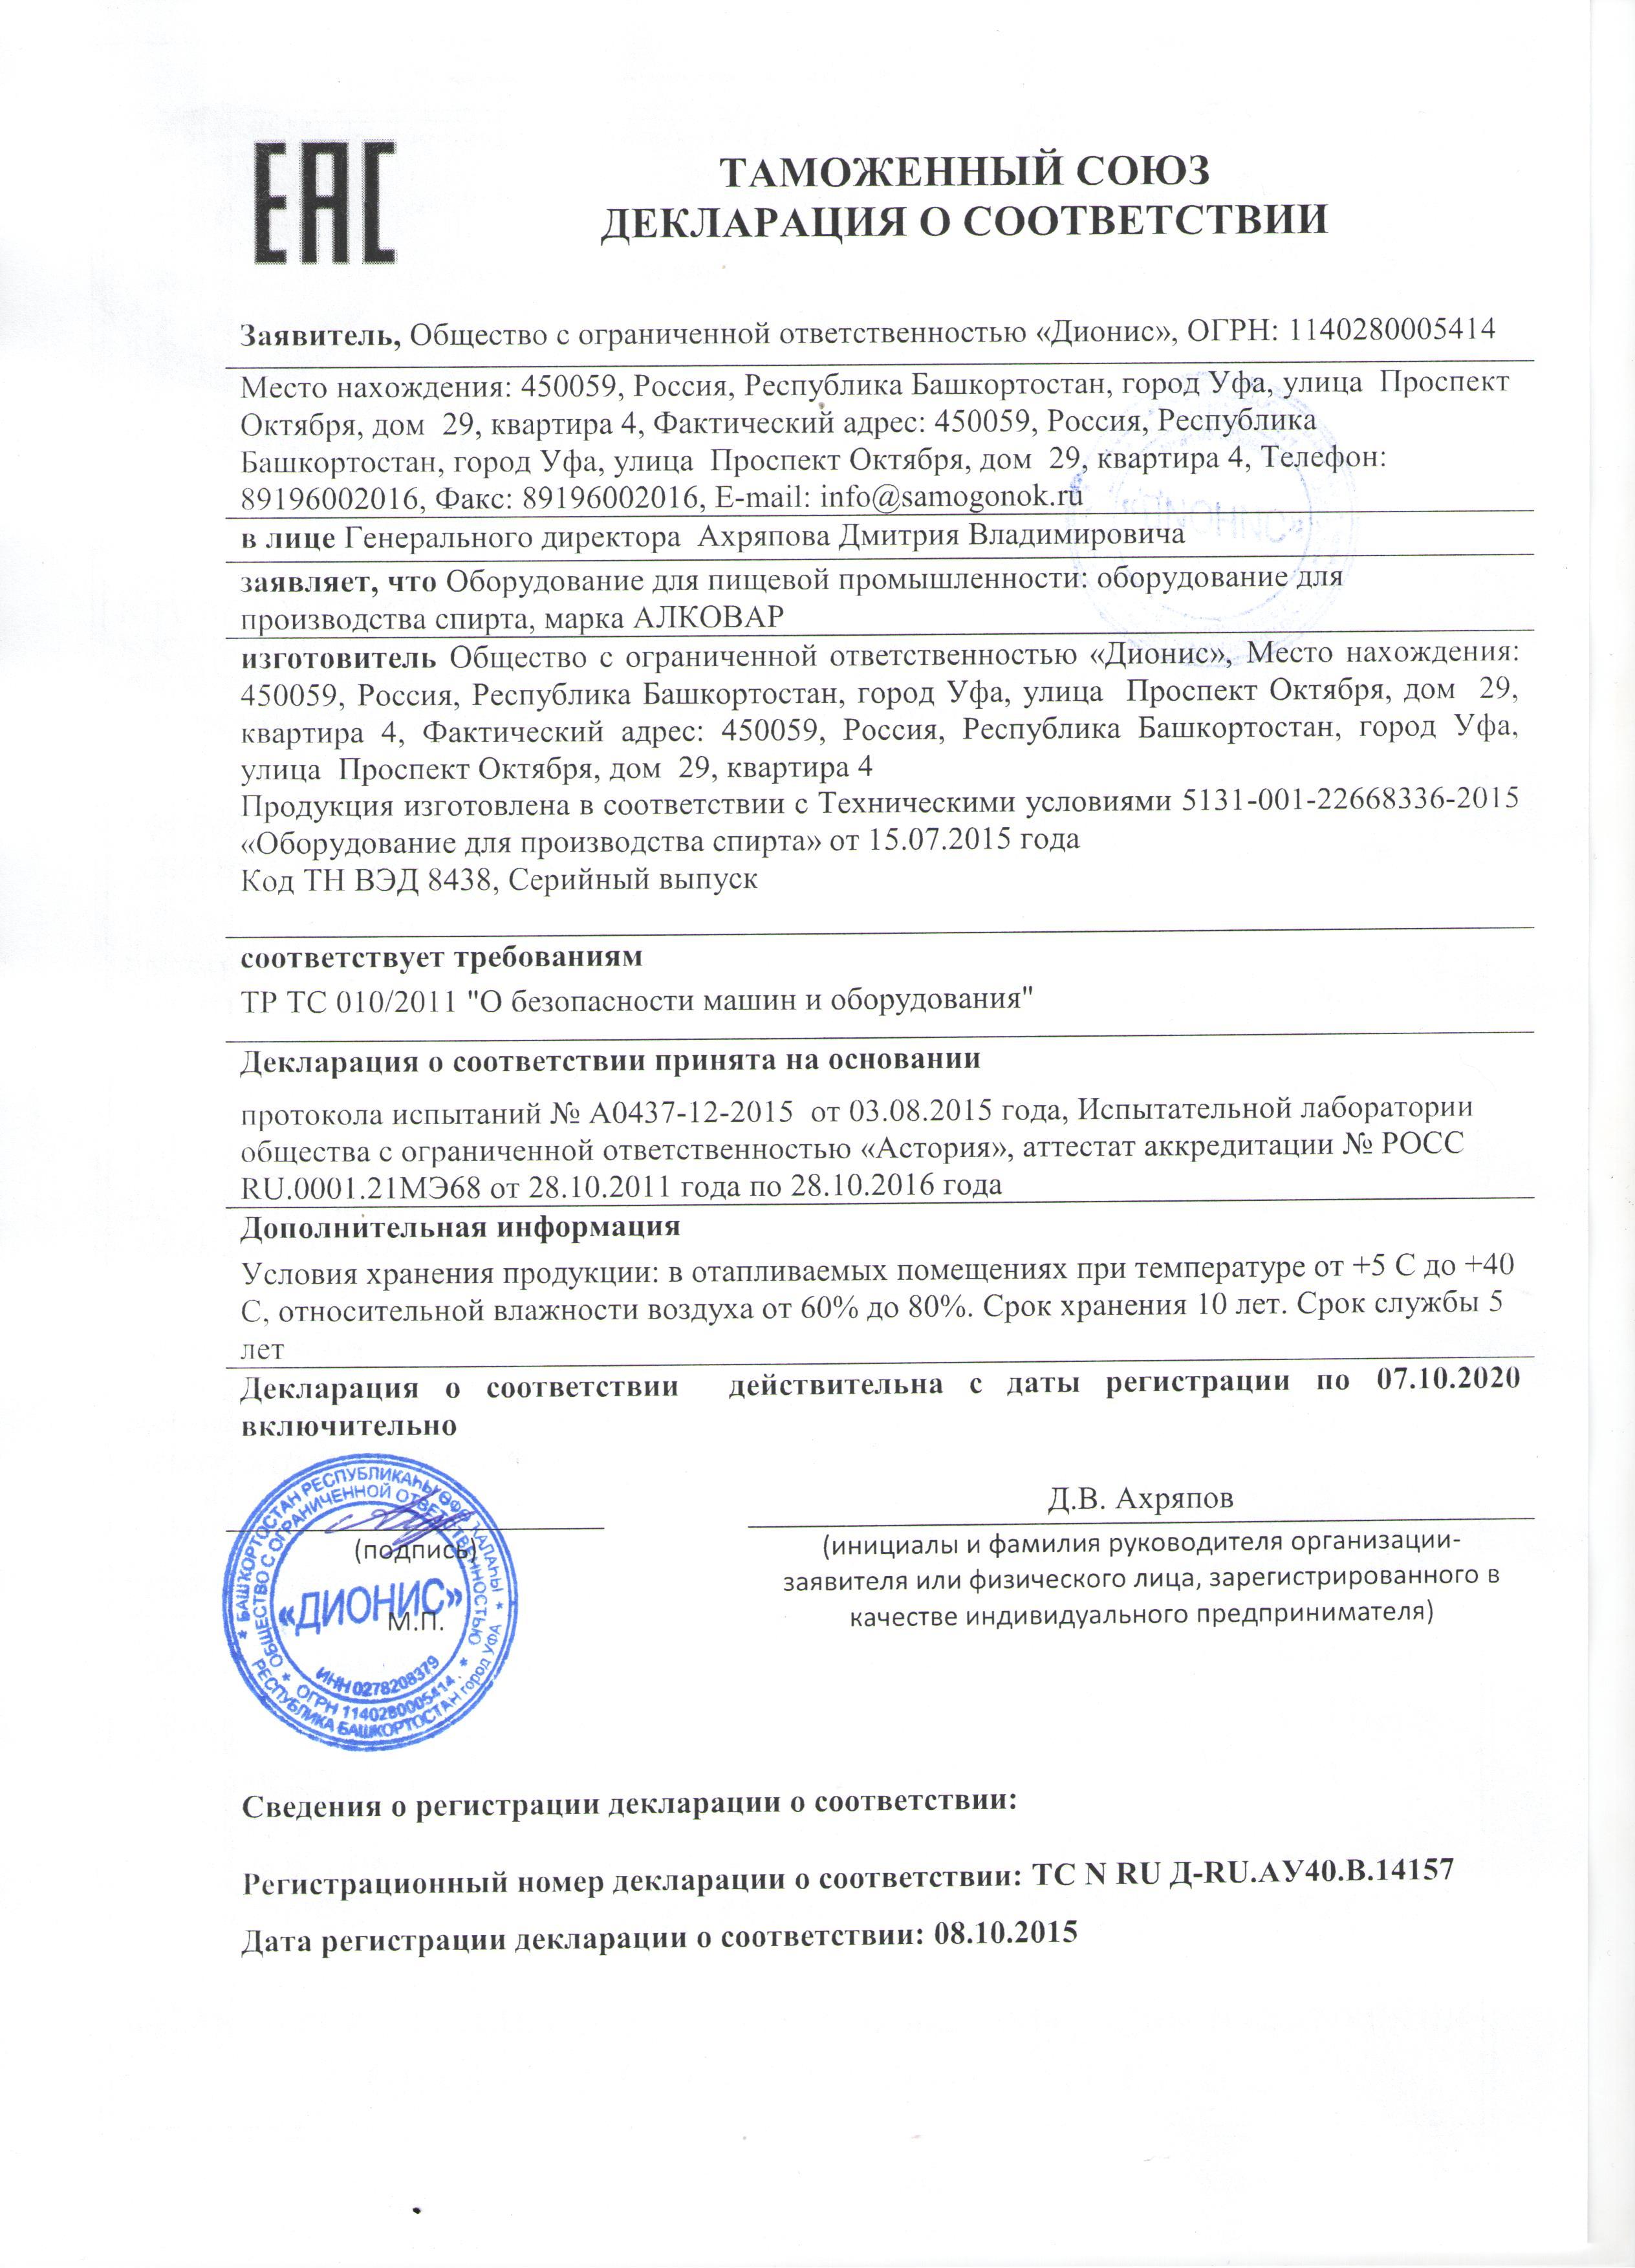 Декларация соответсвия на самогонные аппараты АЛКОВАР